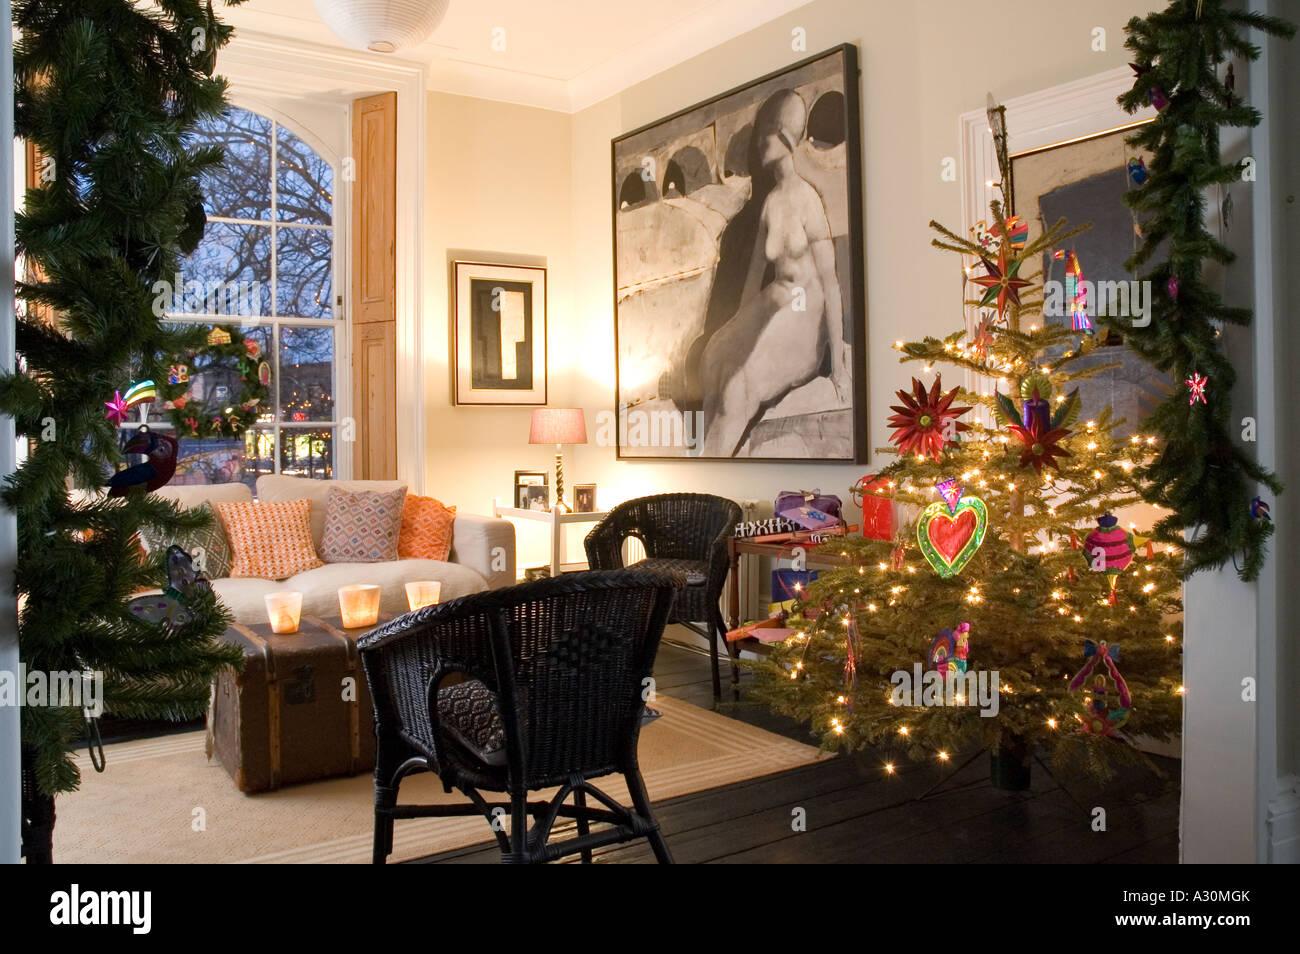 Weihnachtsbaum und dekoration im wohnzimmer von einem for Dekoration im wohnzimmer